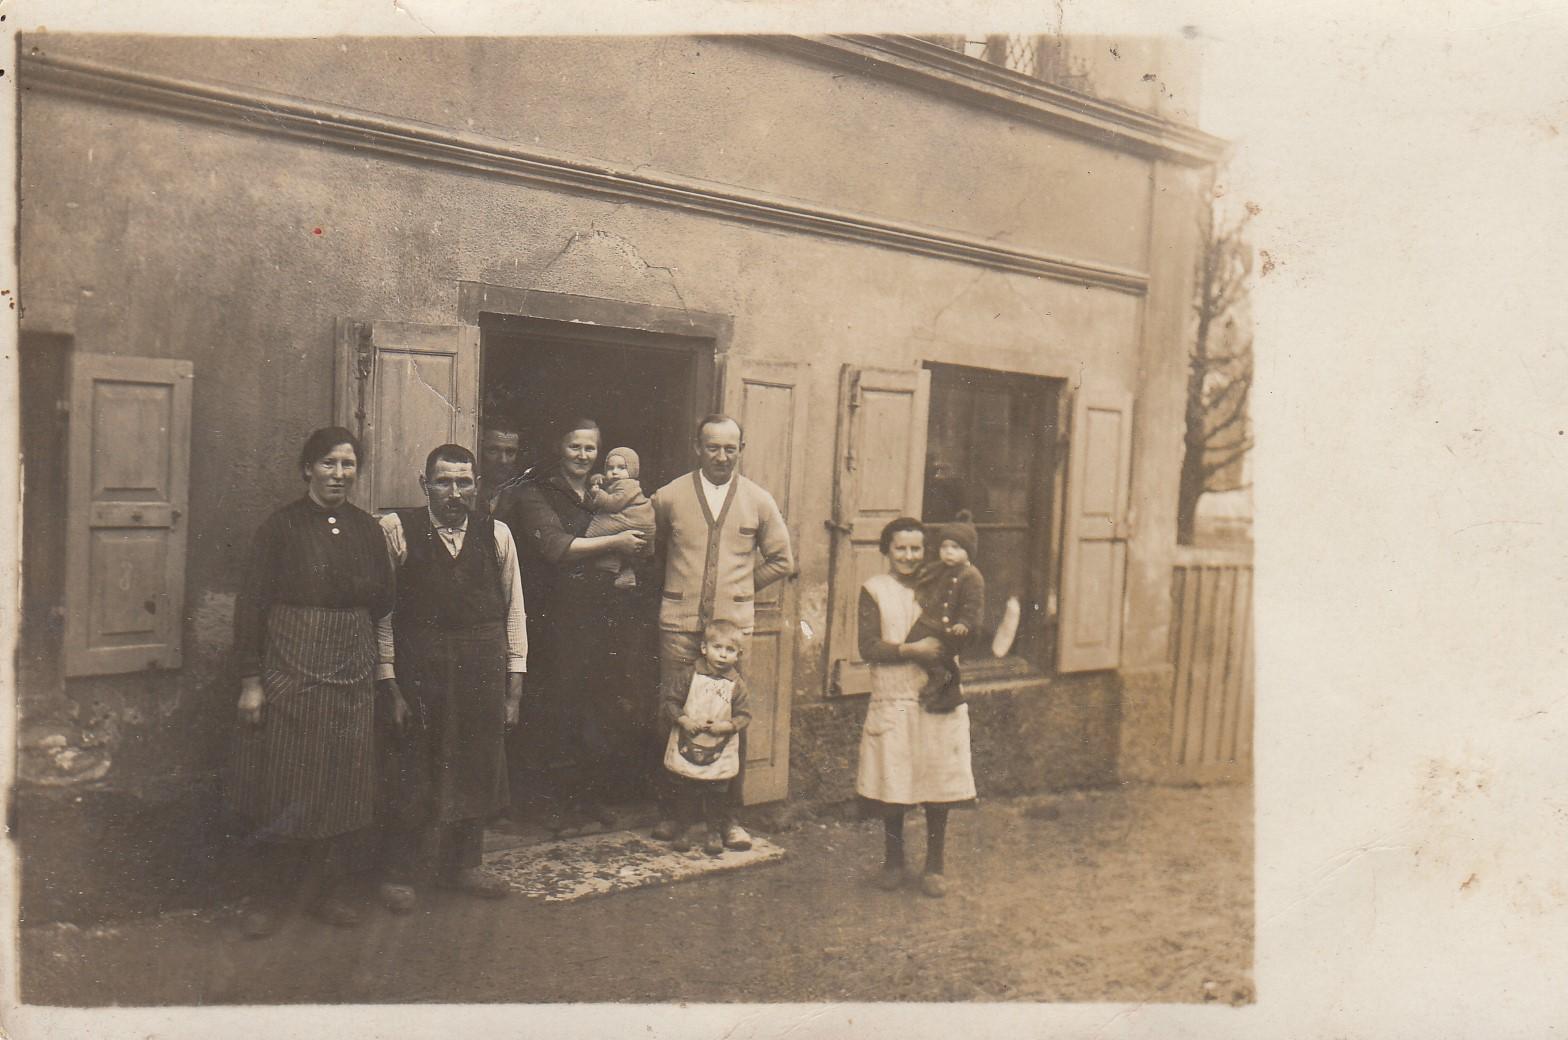 1926-Hohenstauenstr.2-v.l.-Magd-Knecht-Lenz-Knecht-Maria-Poeppel-Maria-Poeppel-Alois-Poeppel-Hubert-Poeppel-Anni-BeckMax-Poeppel